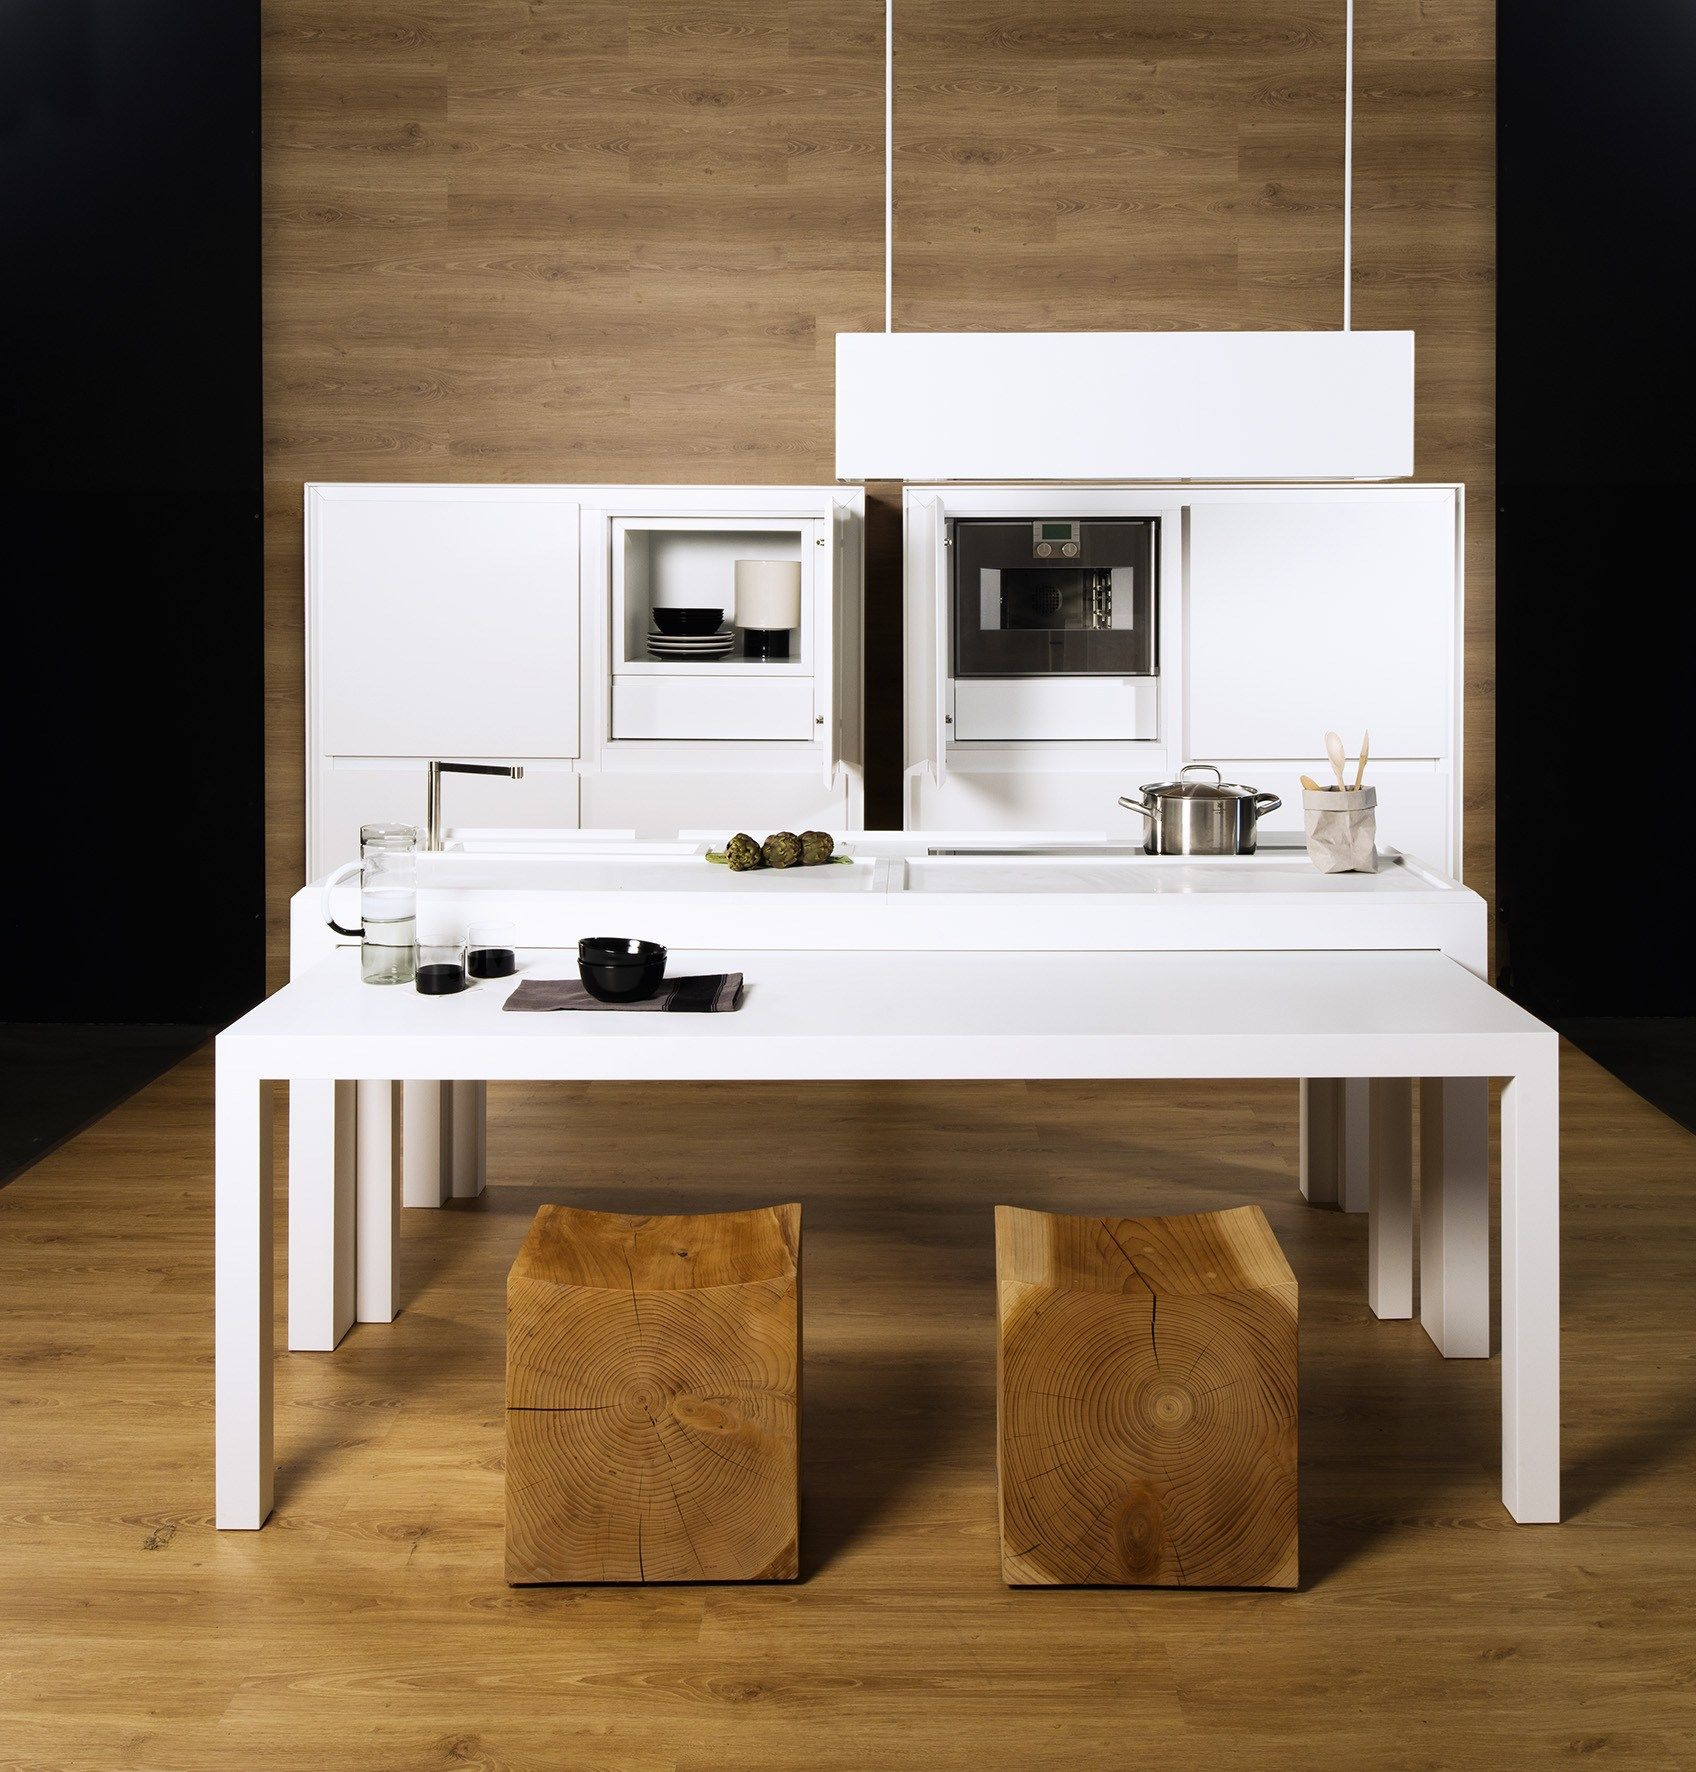 Full Size of Mini Küche Im Landhausstil Mini Küche Einrichten Mini Küche Online Planen Mini Küche Ausstellungsstück Küche Mini Küche